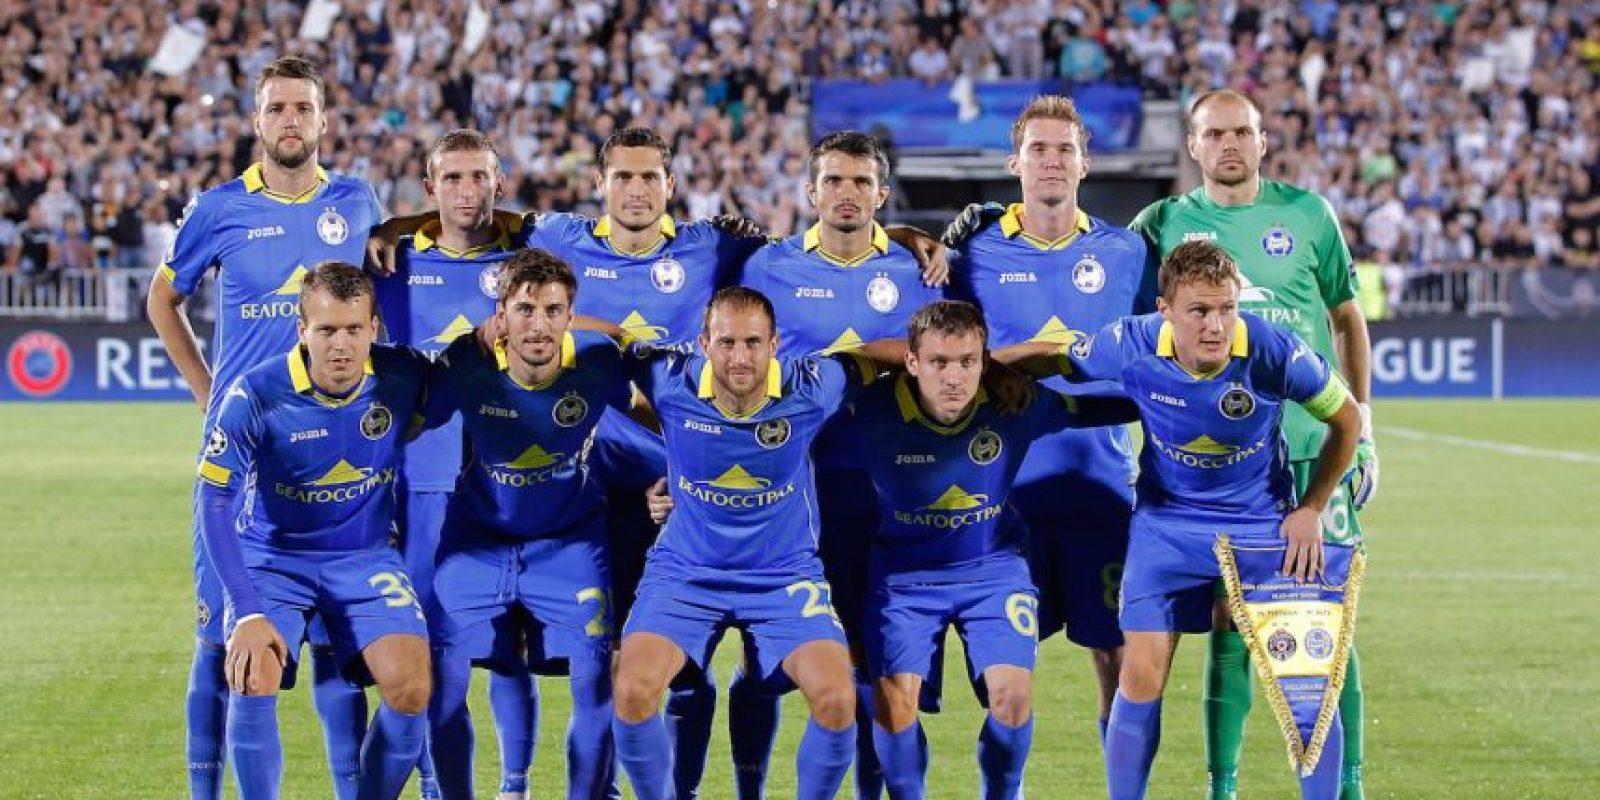 En su liga local (Liga Premier de Bielorrusia), el BATE es líder con 56 puntos, 10 más que el segundo lugar, el Dinamo de Minsk. Foto:Getty Images